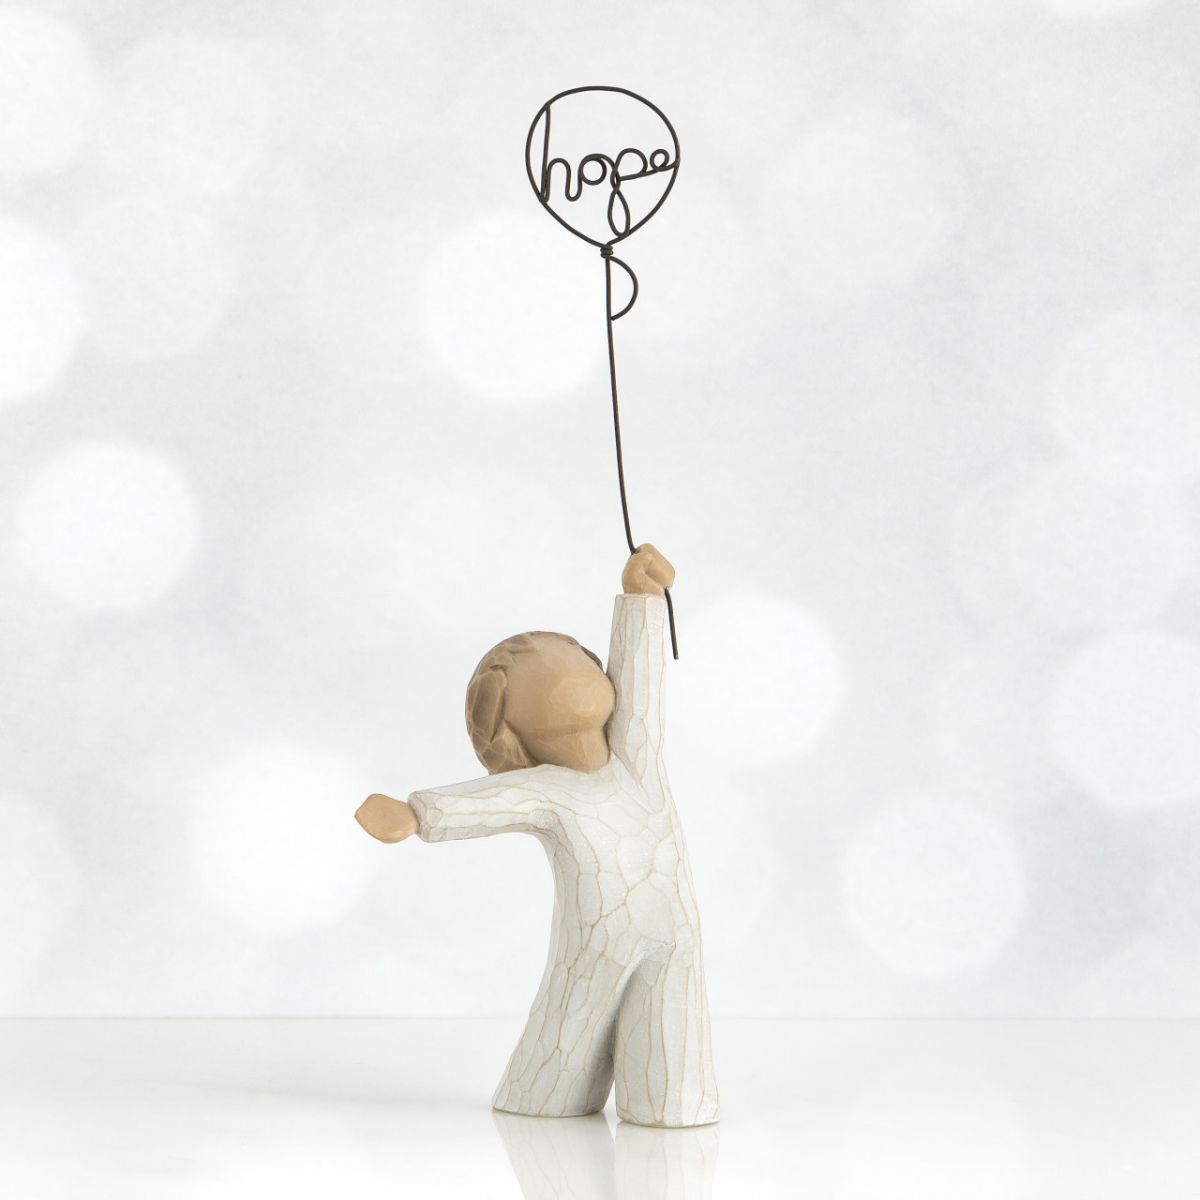 ウィローツリー彫像 【Hope】 - 希望